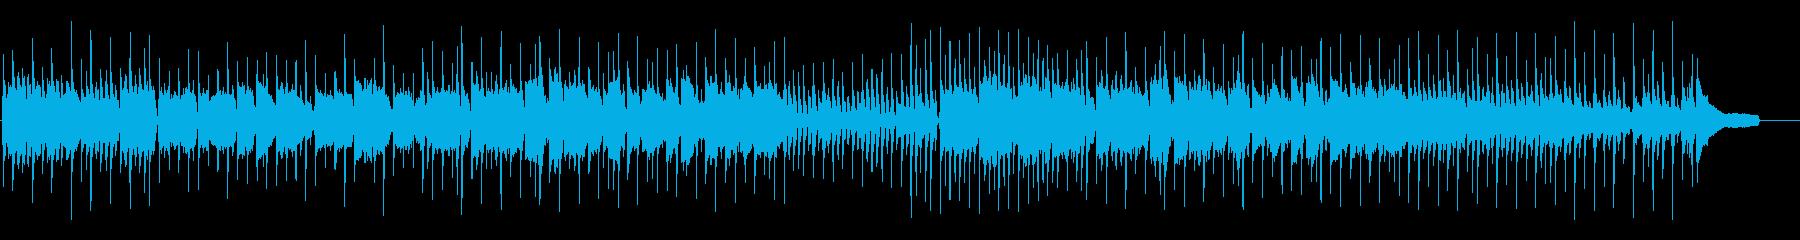 オープニングに最適な明るいウクレレポップの再生済みの波形